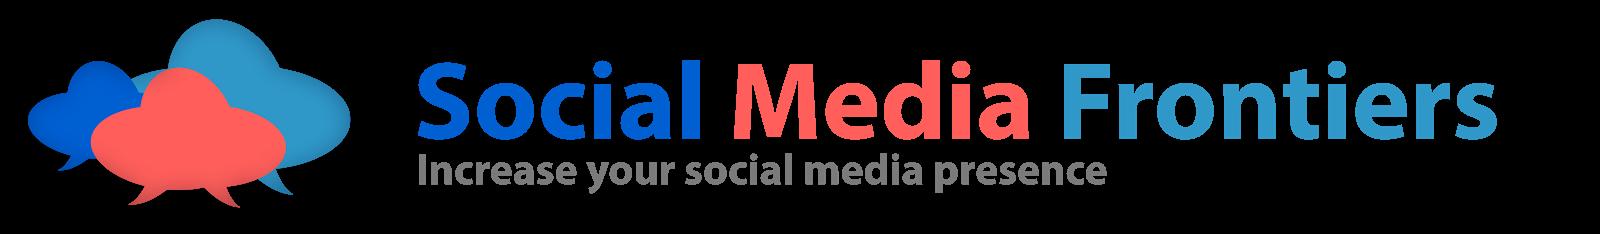 Social Media Frontiers